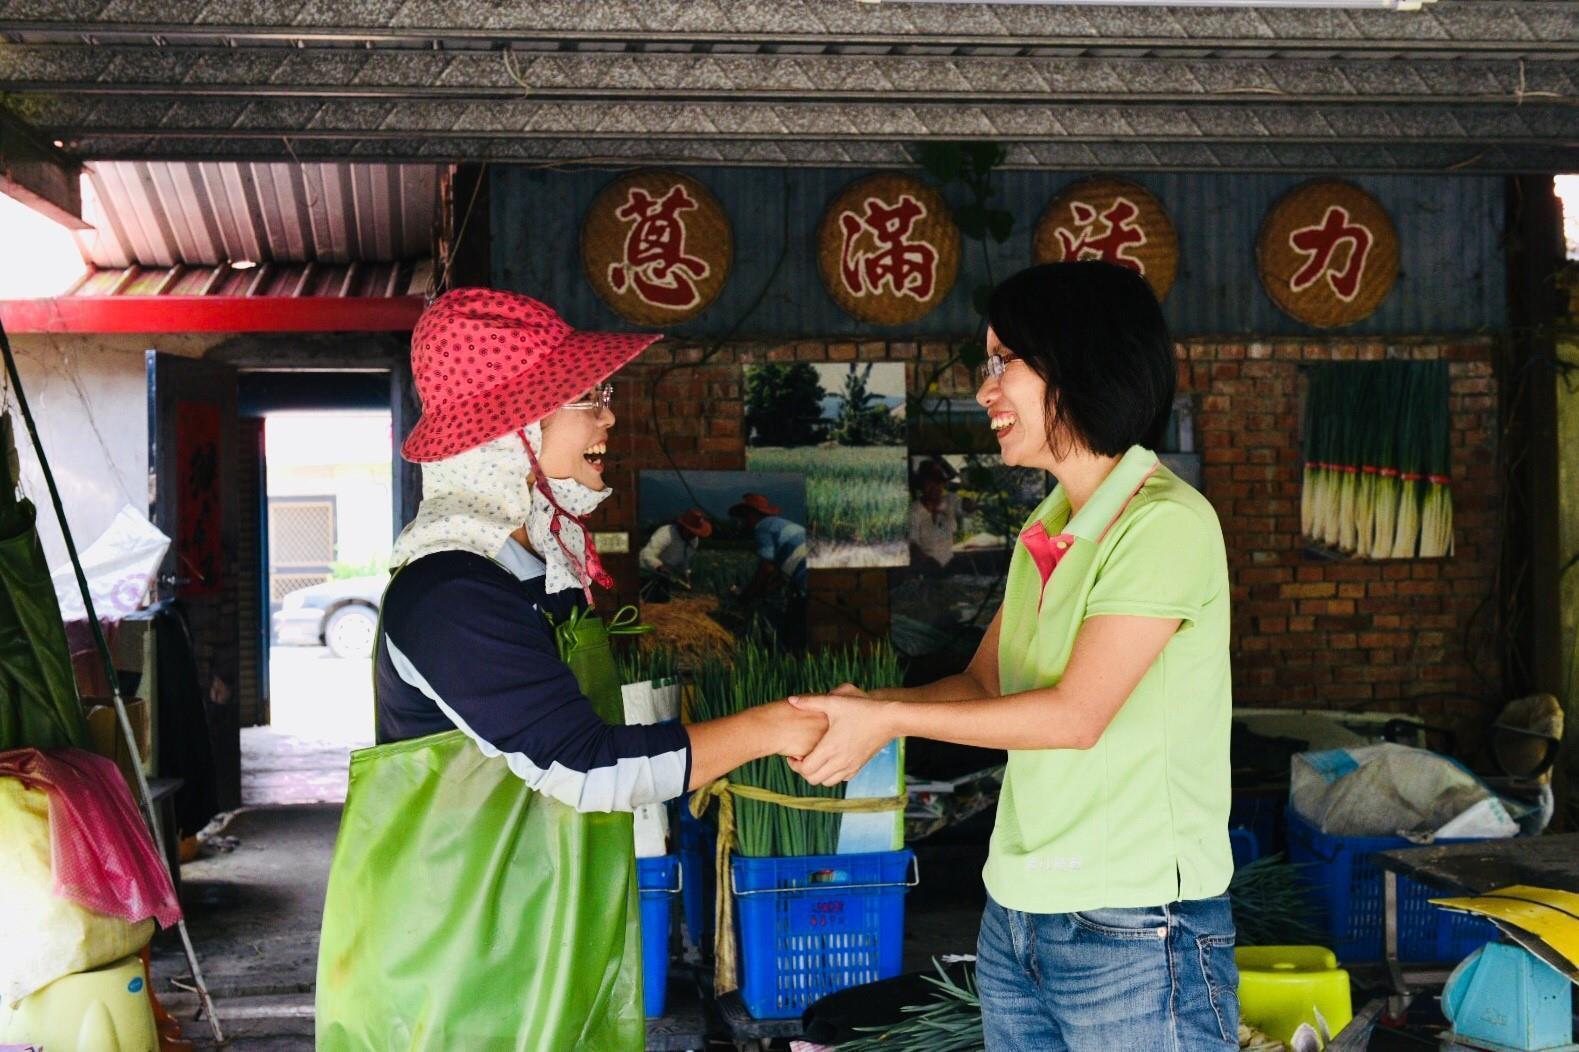 吳音寧離開北農總經理一職,將重拾作家身分。(翻攝自吳音寧臉書)